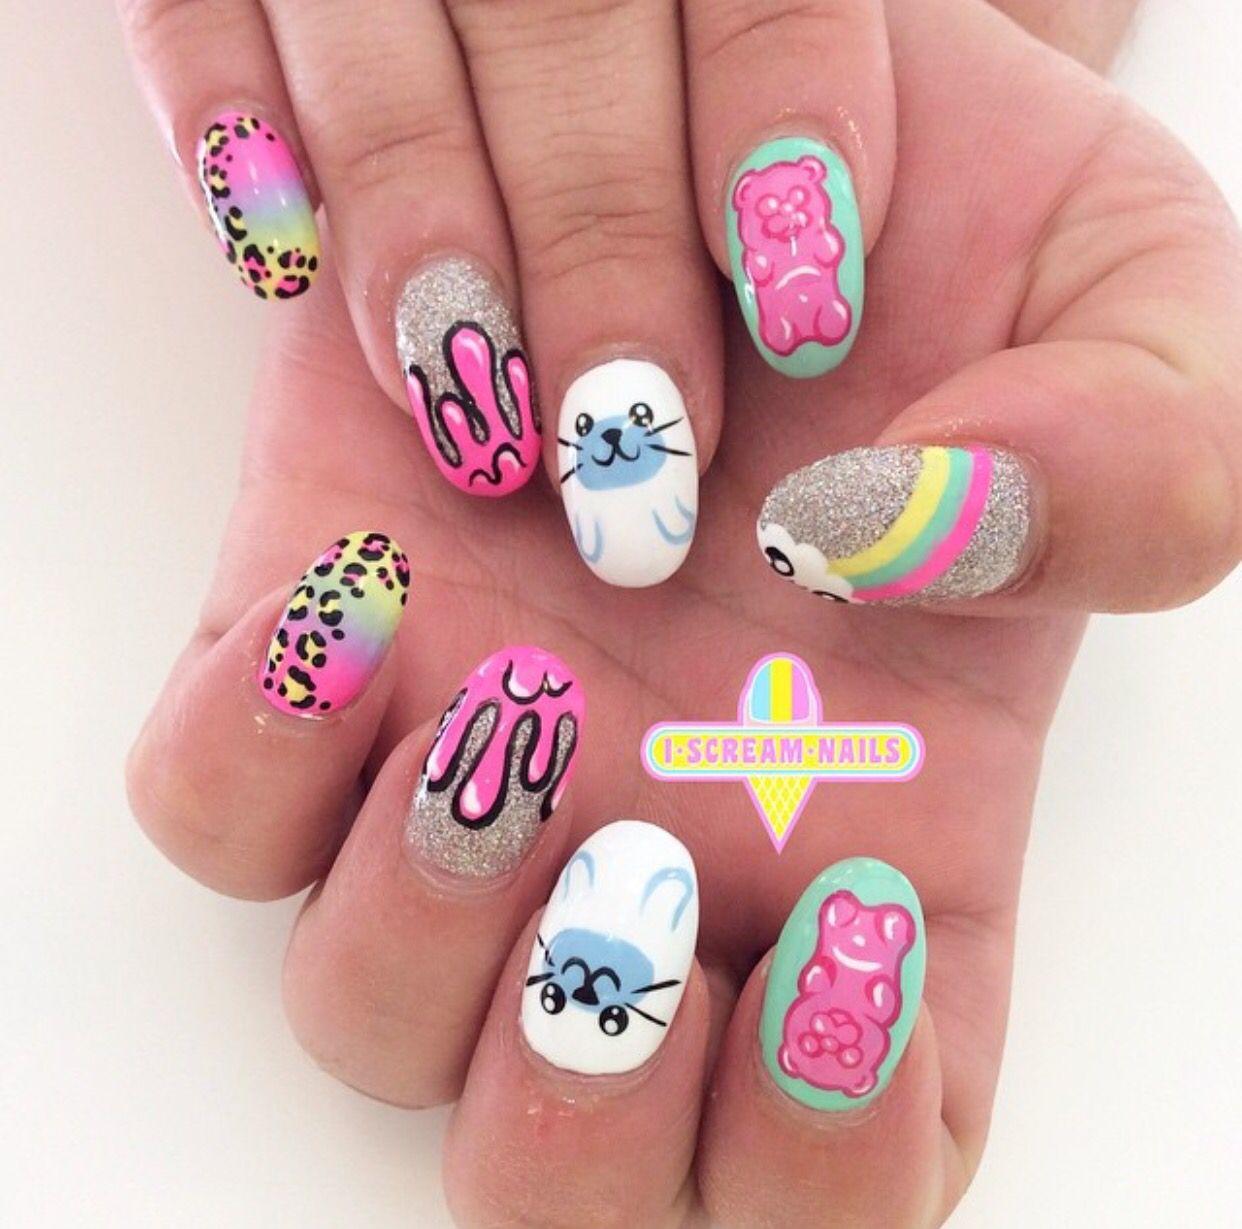 I scream nails | nail art | Pinterest | Nail nail and Makeup